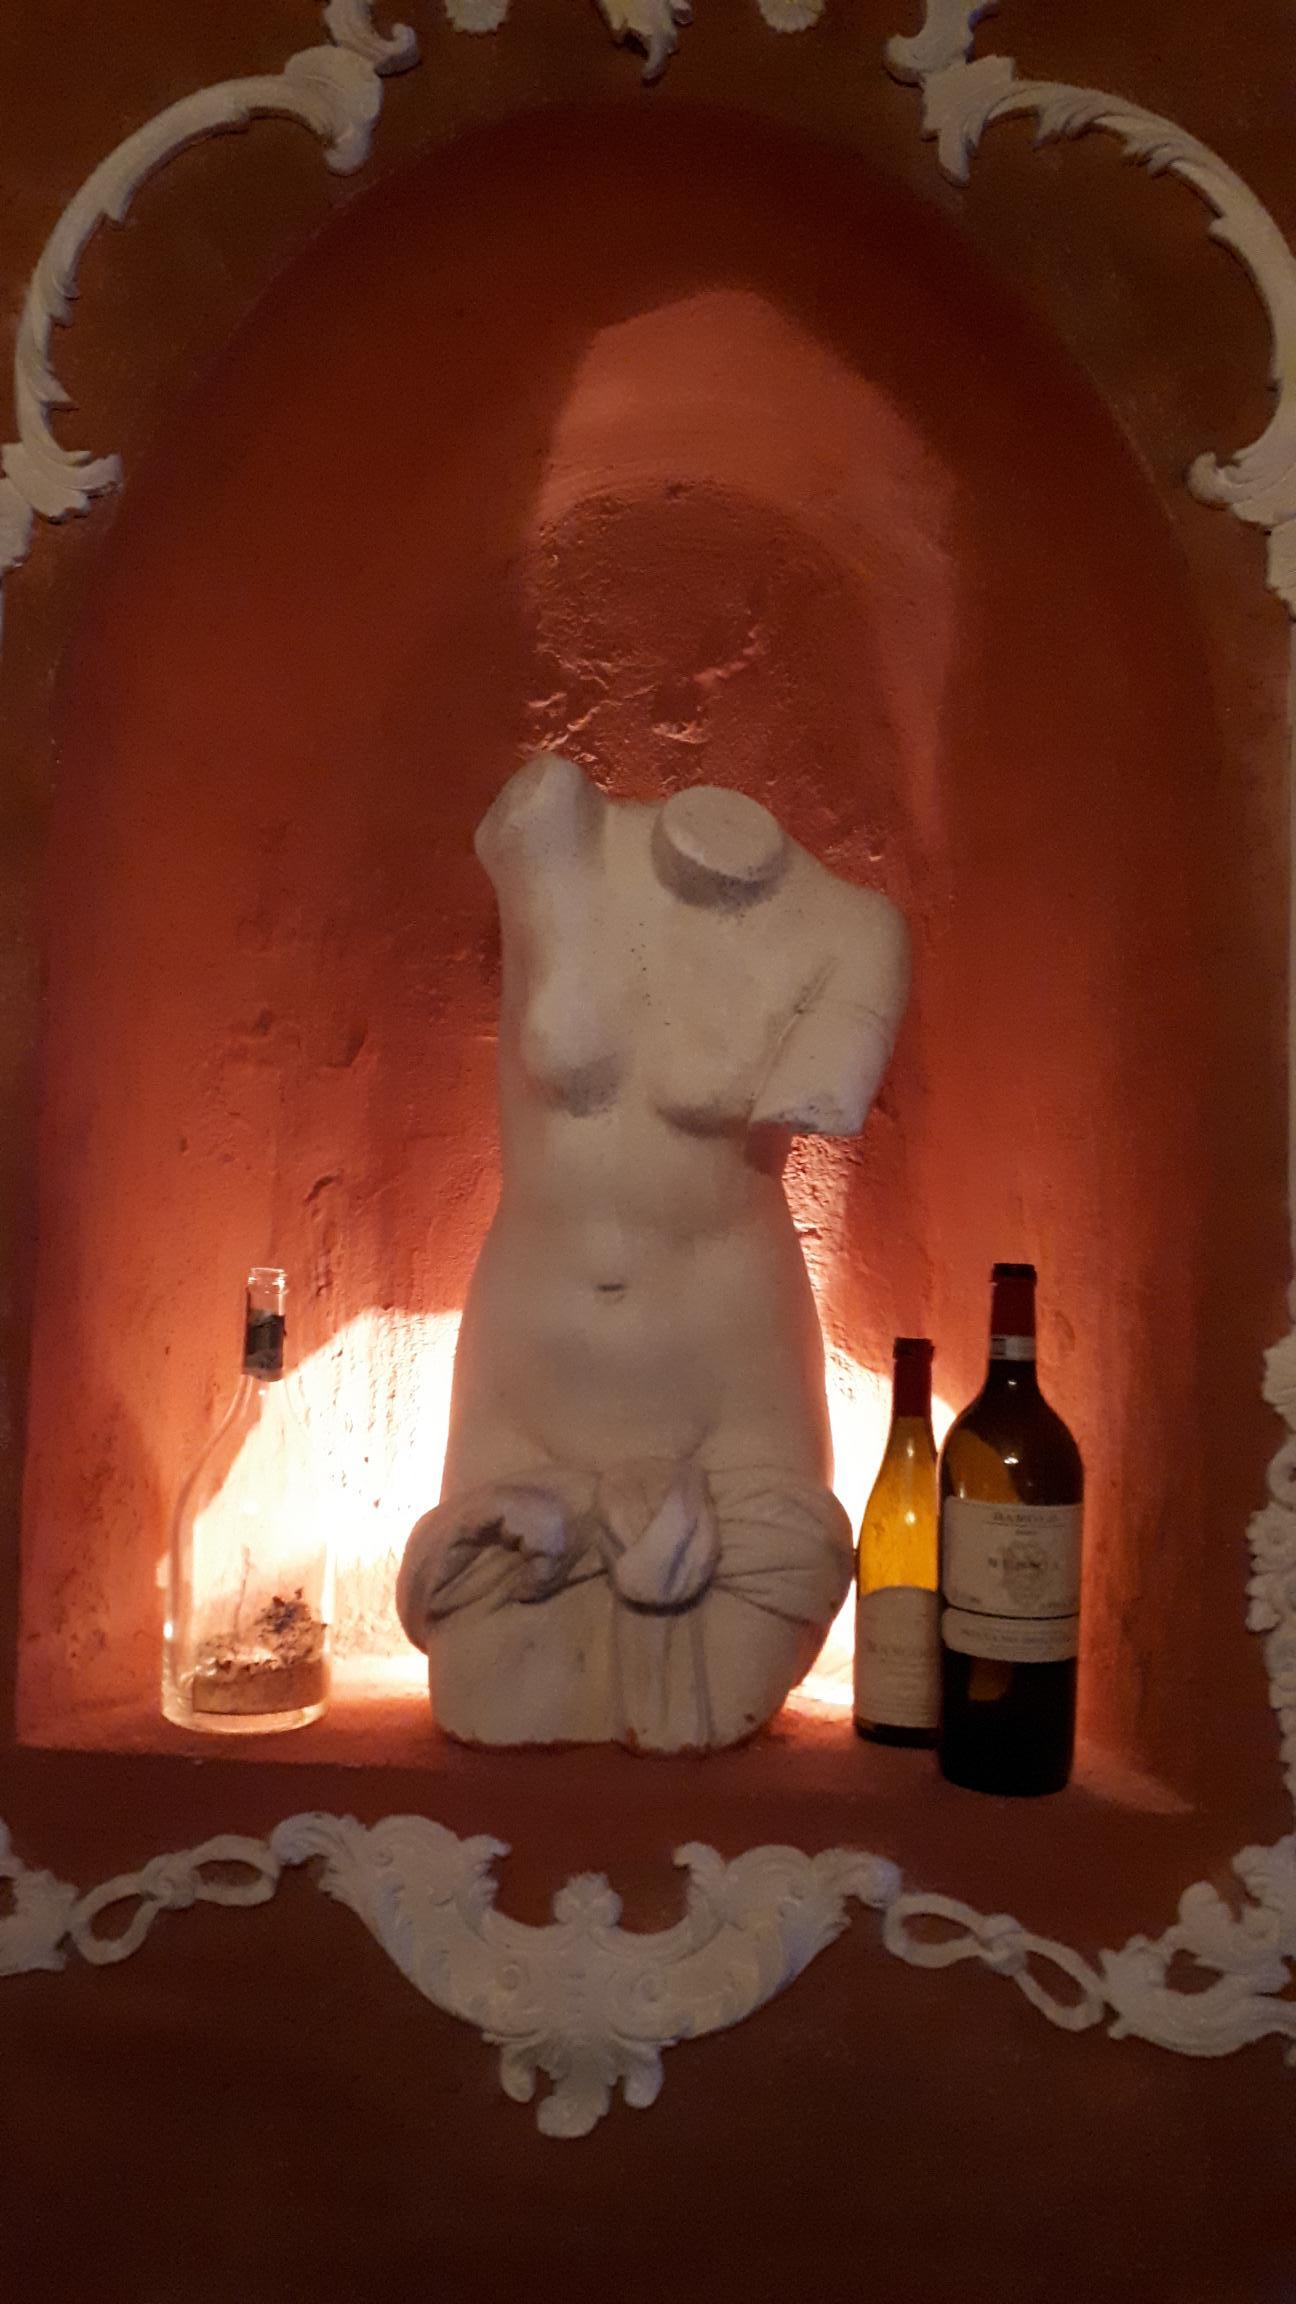 В итальянском ресторанчике. Блиц: скульптура